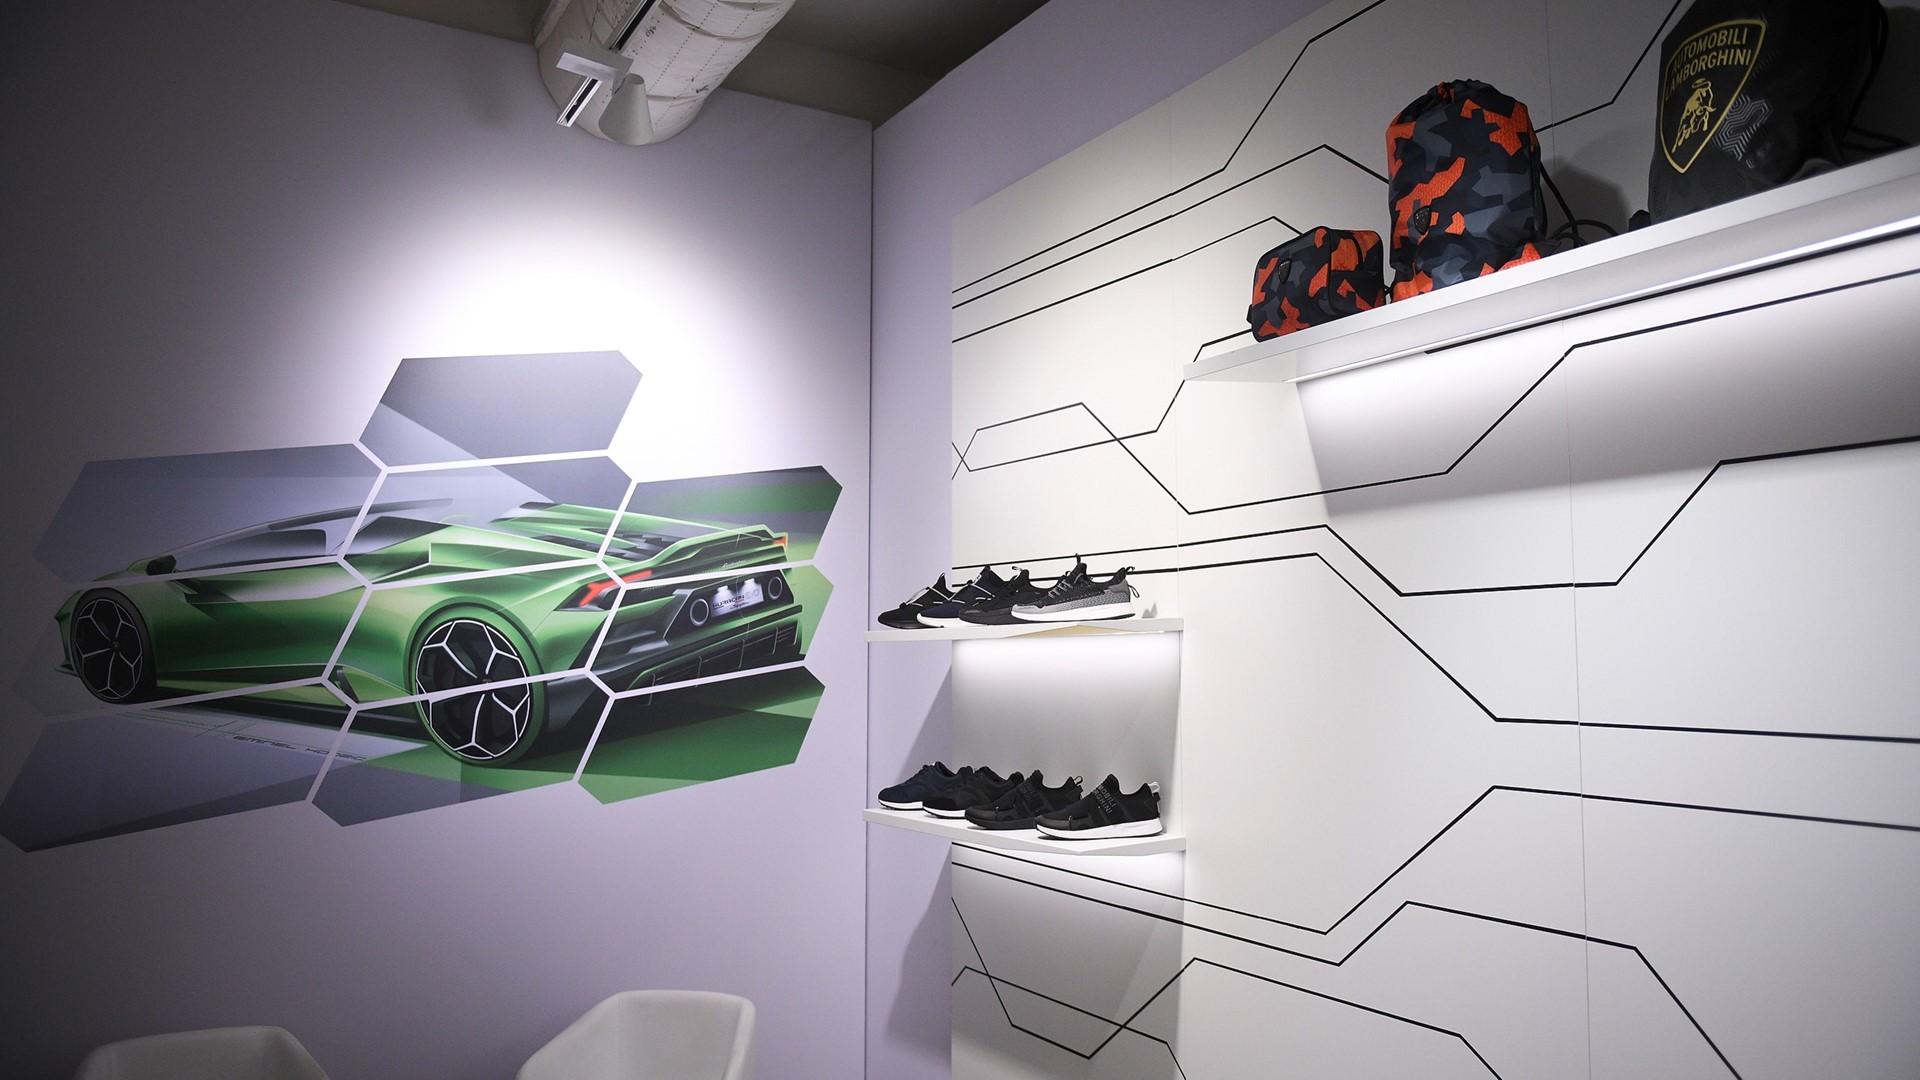 Automobili Lamborghini Menswear Collection Fall Winter 2020 – 2021 at PITTI Uomo 97 - Image 4